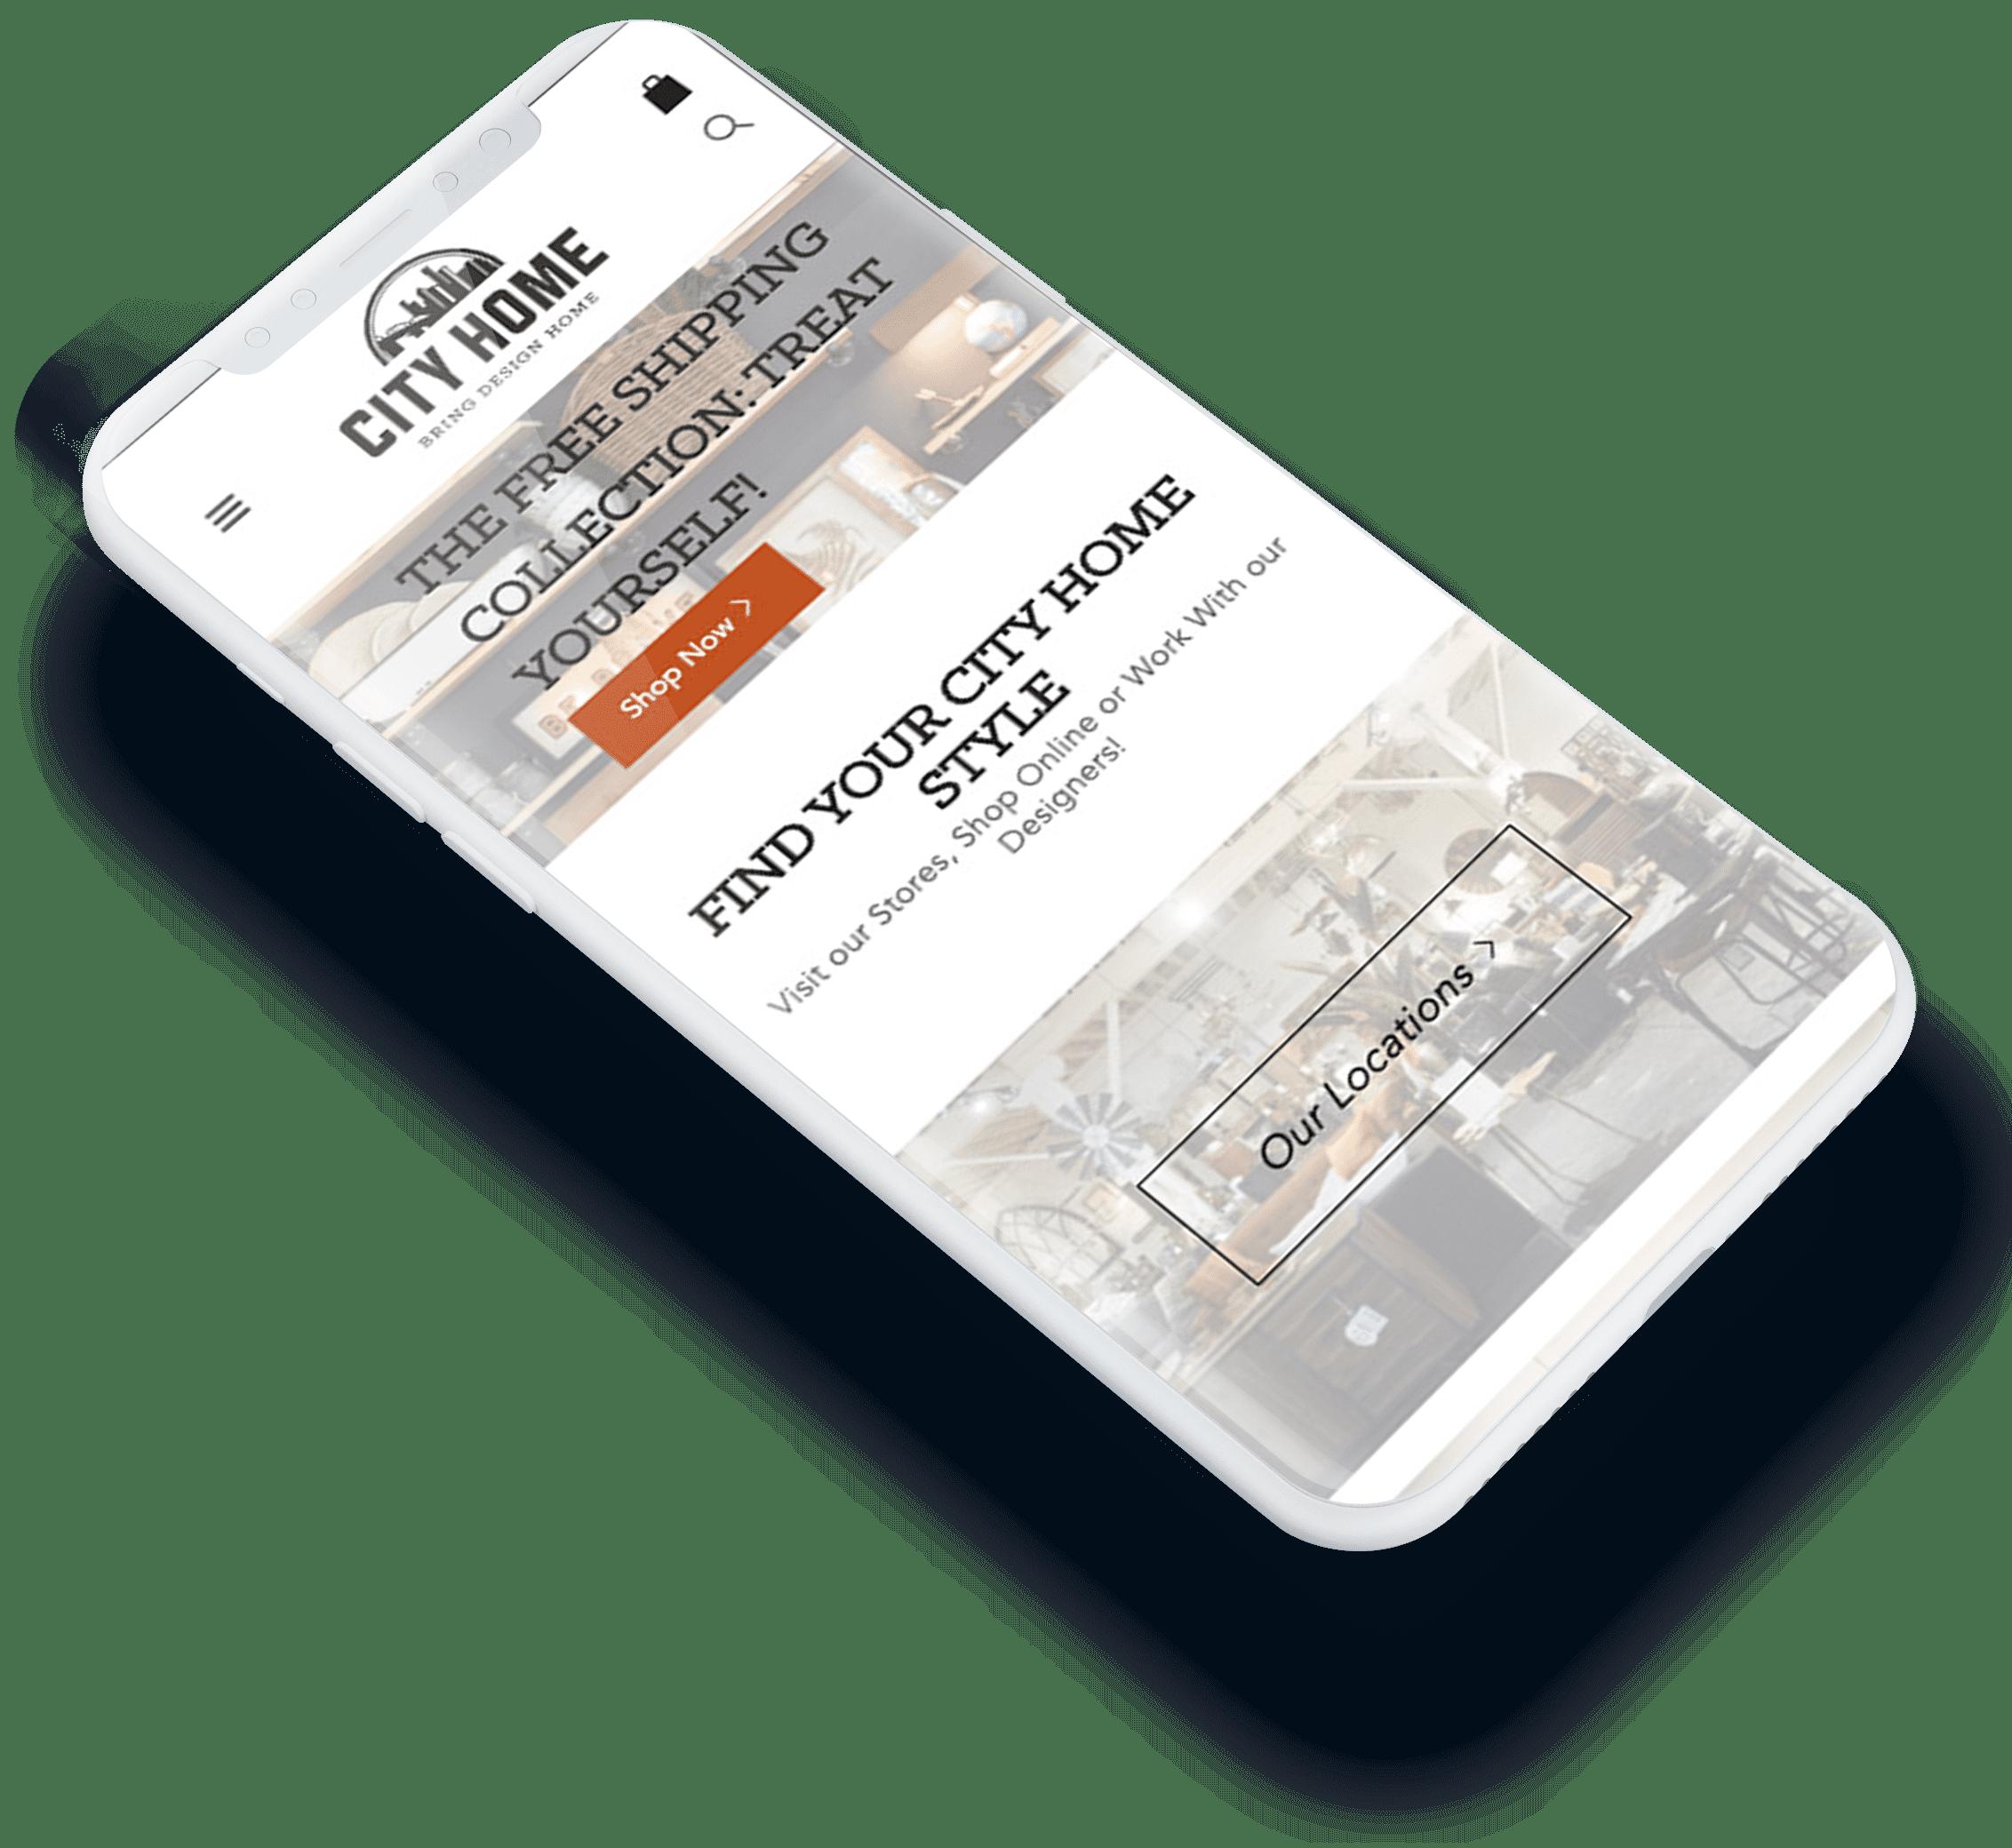 cityhome-mobile